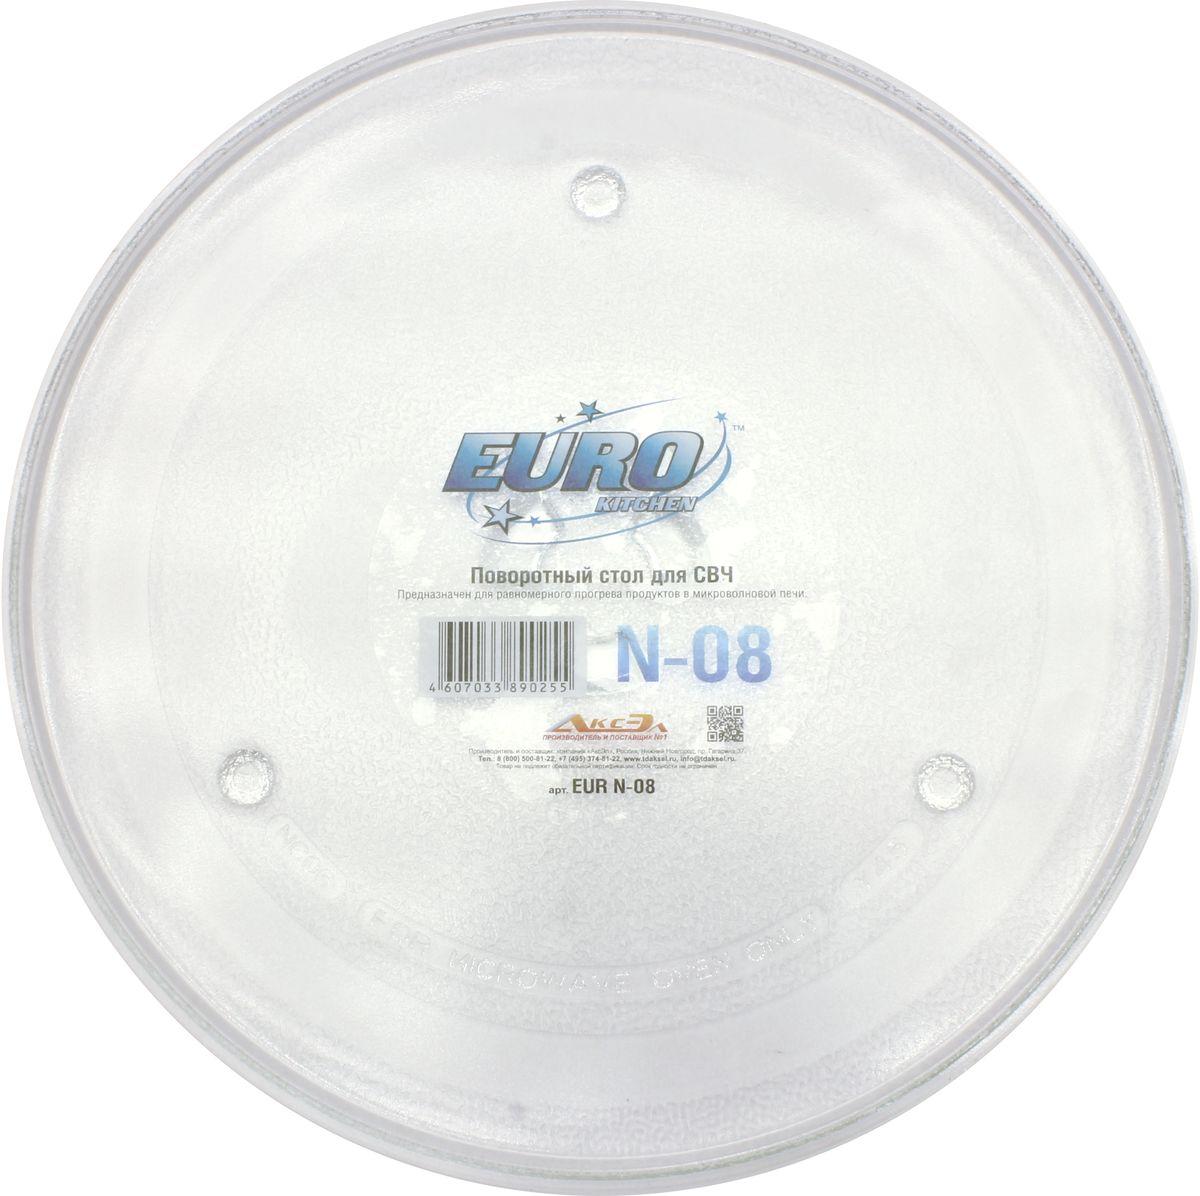 Euro Kitchen N-08 тарелка для СВЧN-08Универсальная тарелка N-08 для микроволновой печи с куплером. Диаметр тарелки 265 мм. Изготовлена из специального жаропрочного стекла. Предназначена для равномерного разогрева продуктов в микроволновой печи